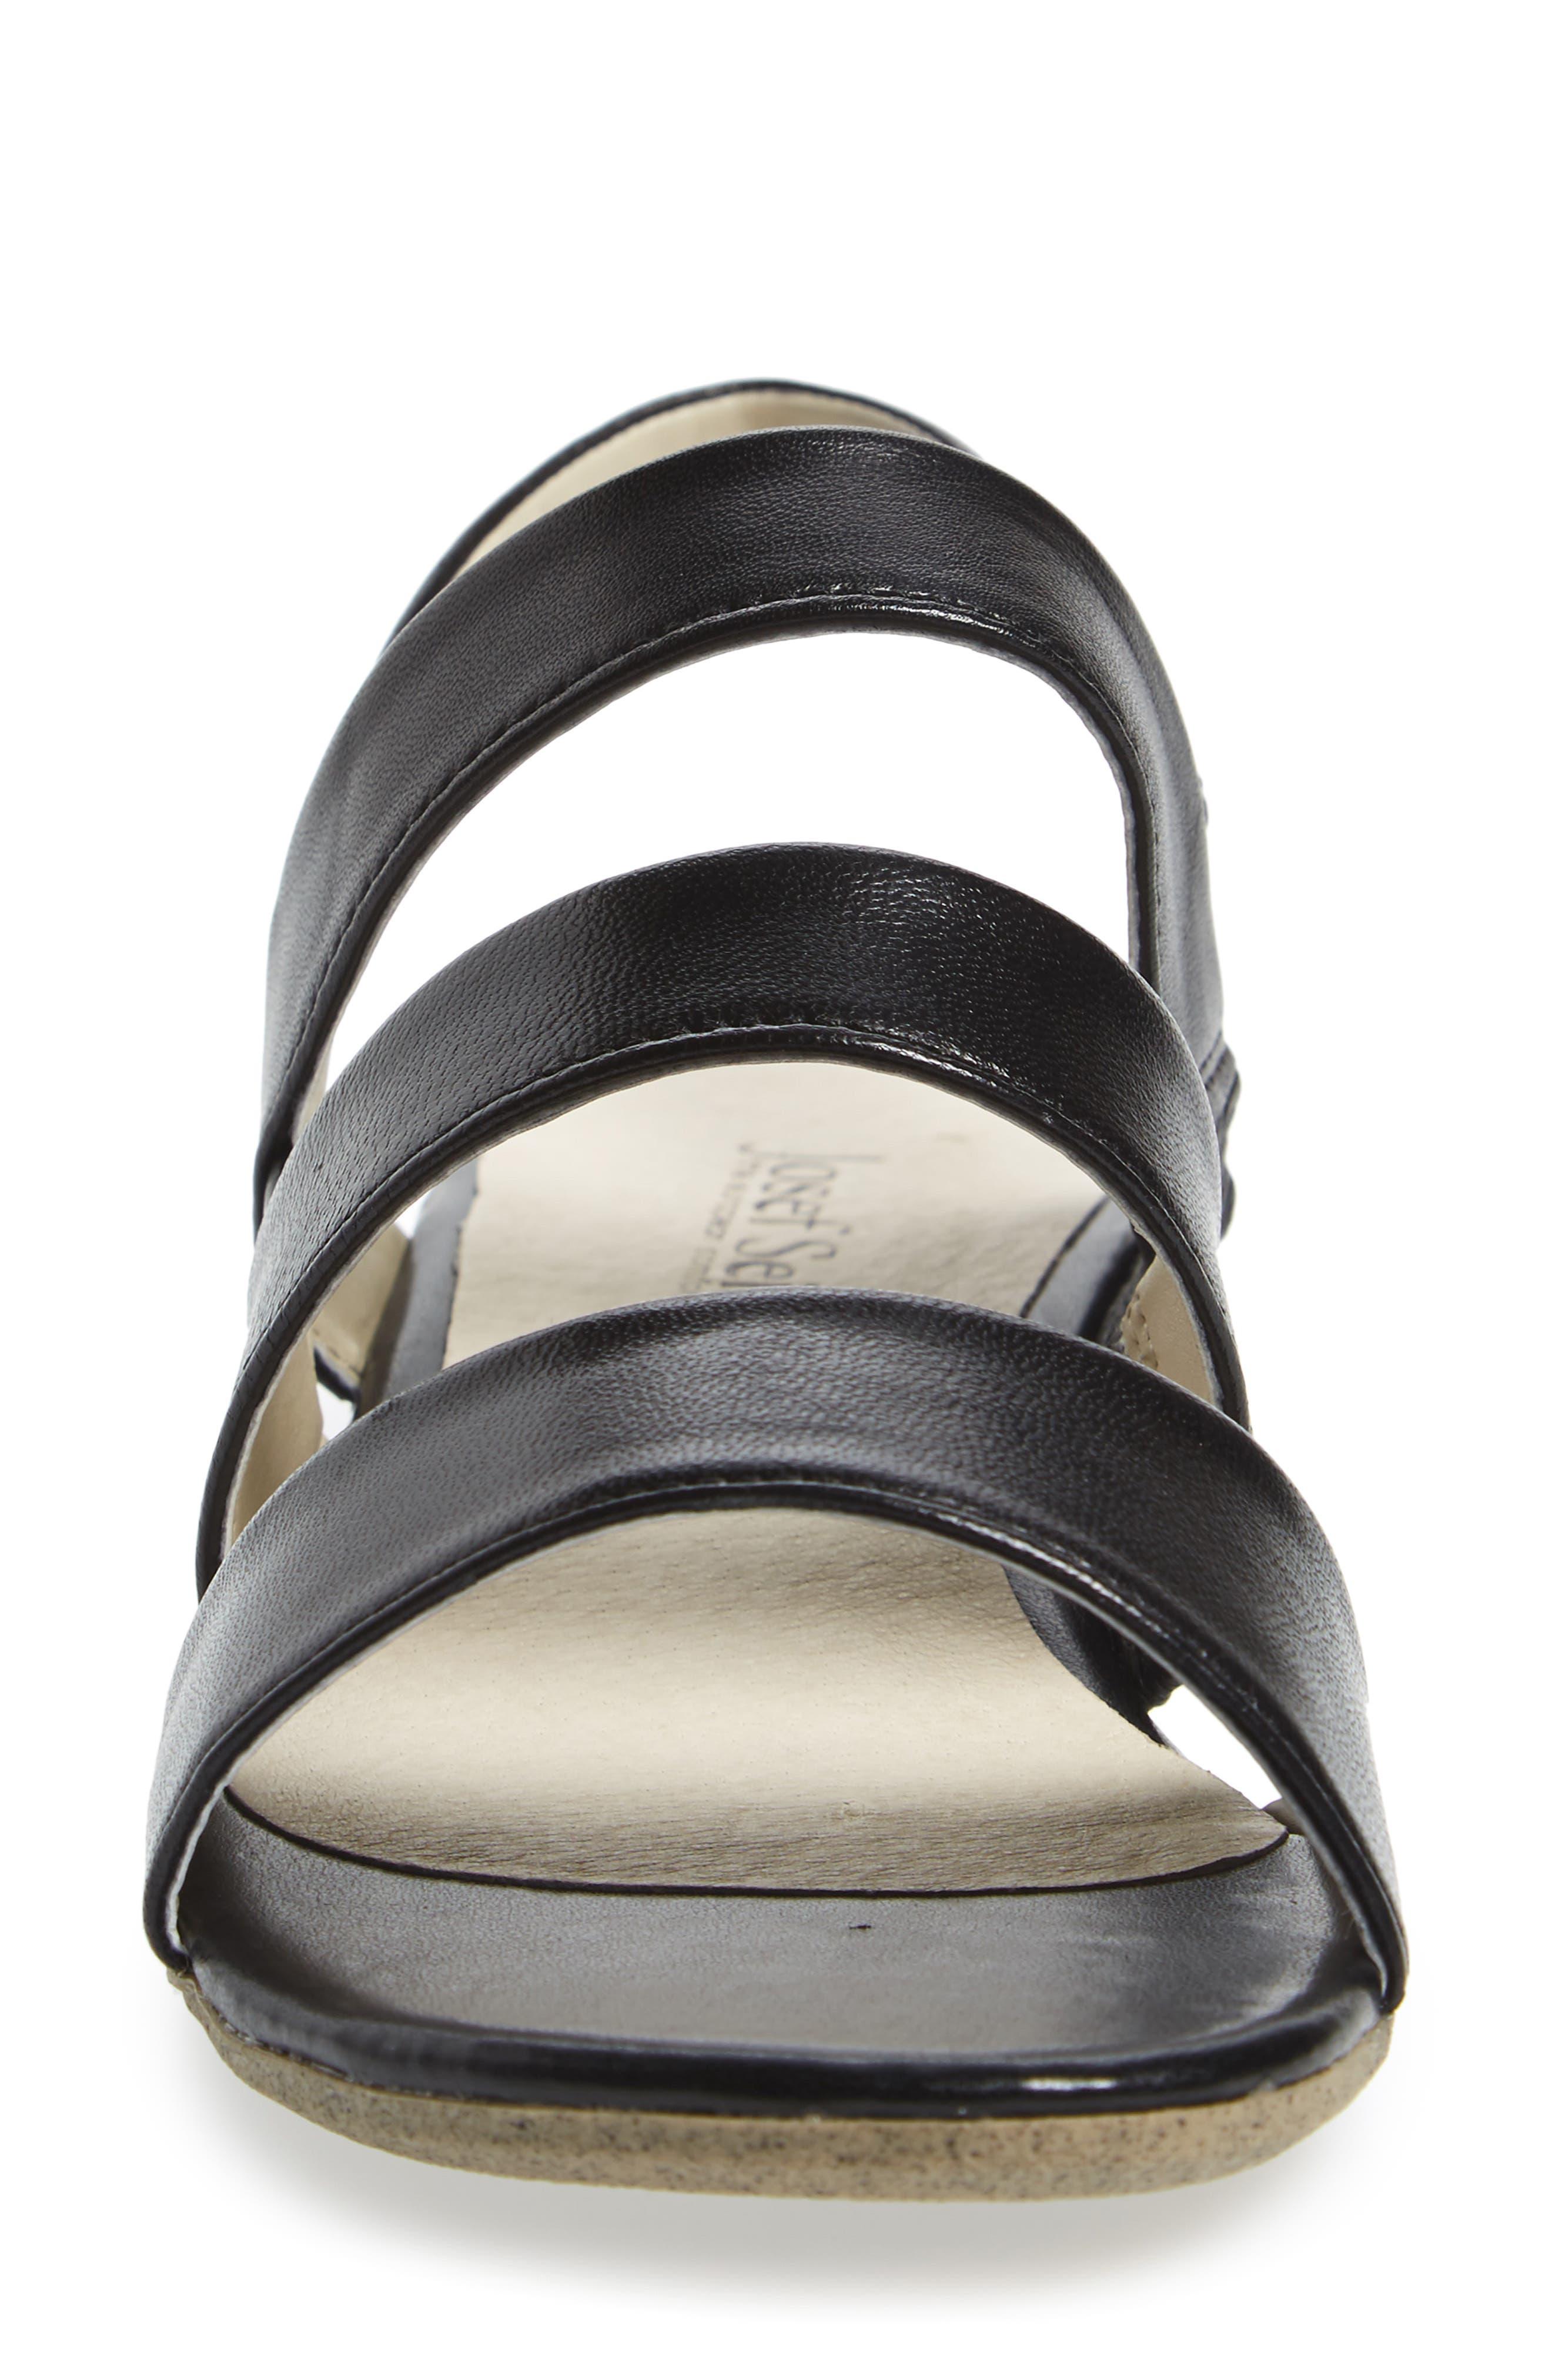 Fabia 11 Sandal,                             Alternate thumbnail 4, color,                             Black